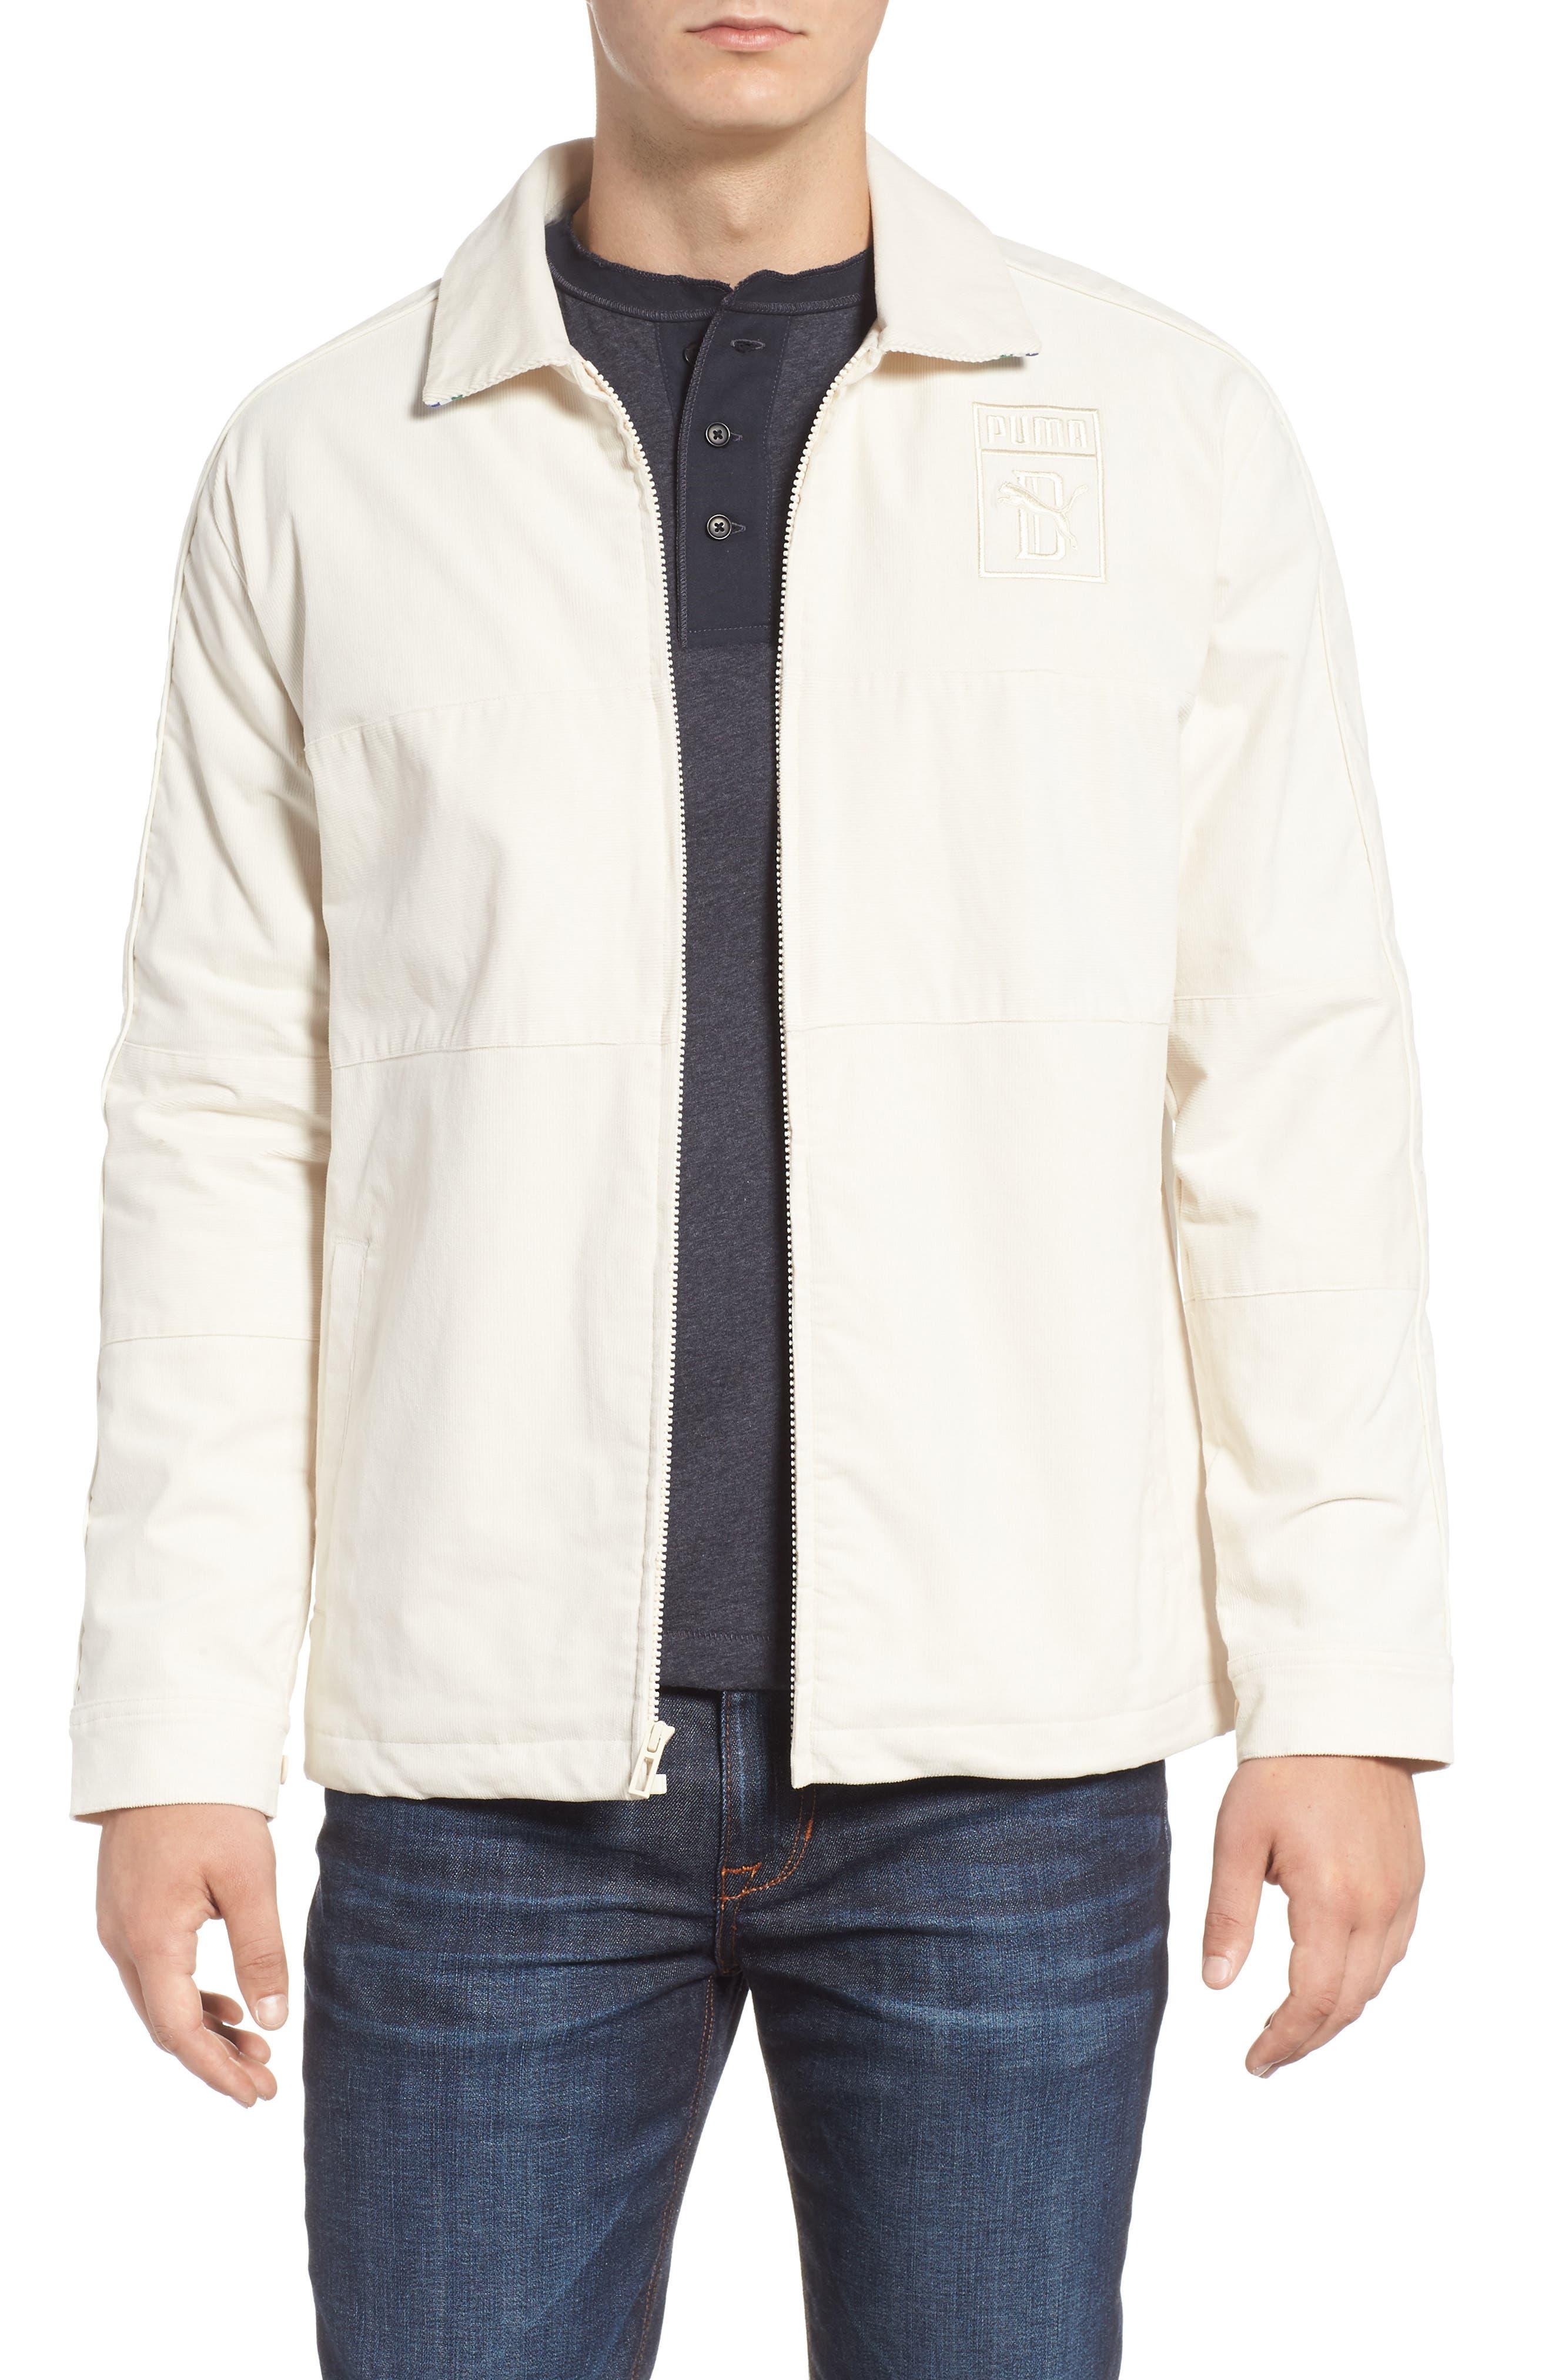 x Big Sean T7 Track Jacket,                         Main,                         color, BIRCH